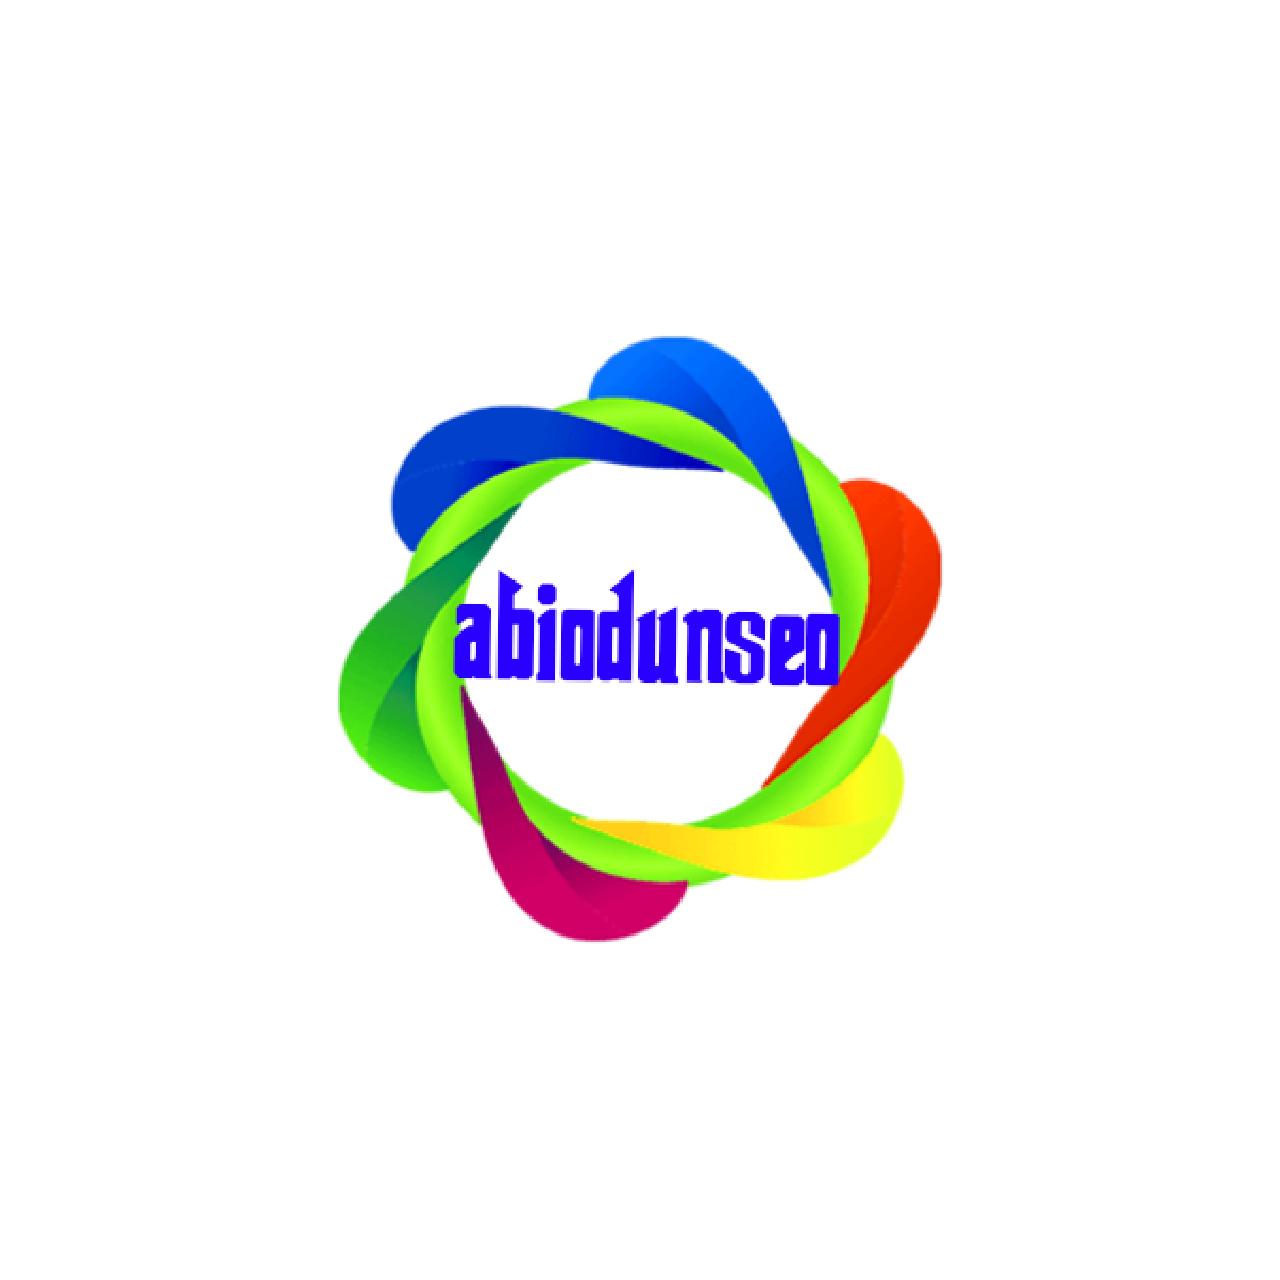 I will design an eye-catching modern logo